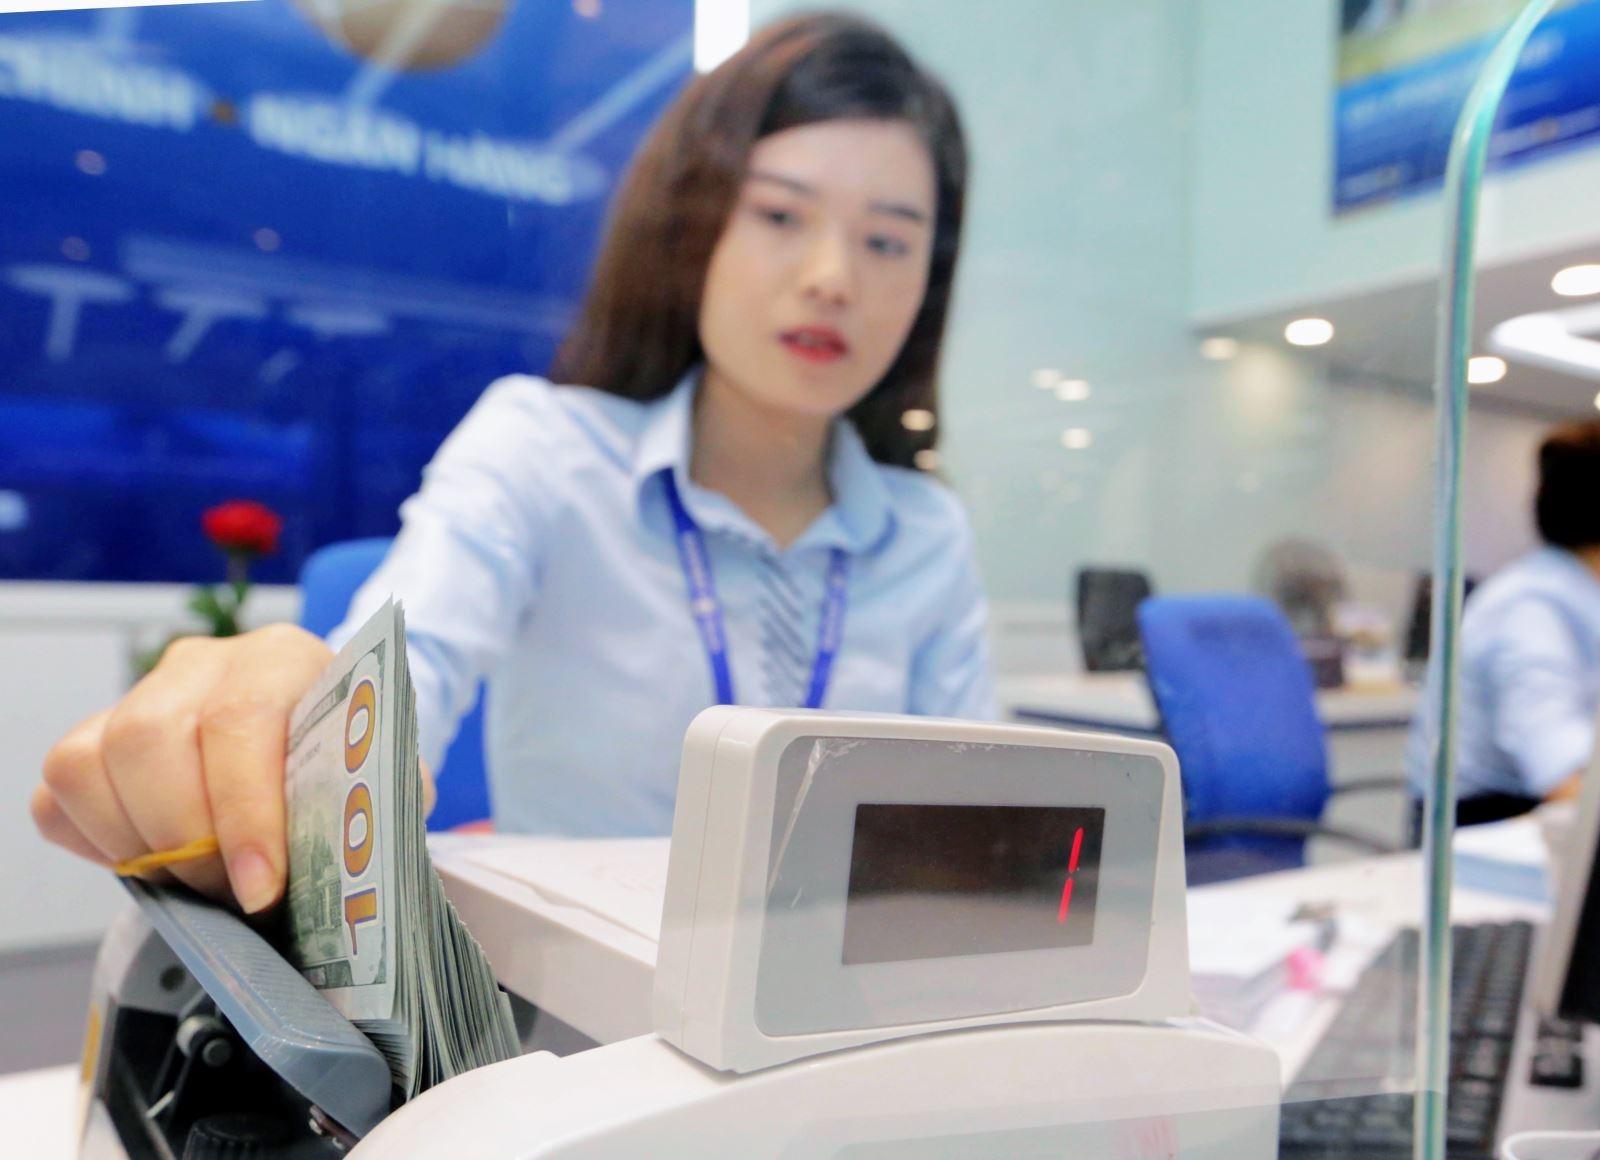 Tỷ giá ngoại tệ ngày 23/4: Đồng USD giữ ở mức thấp